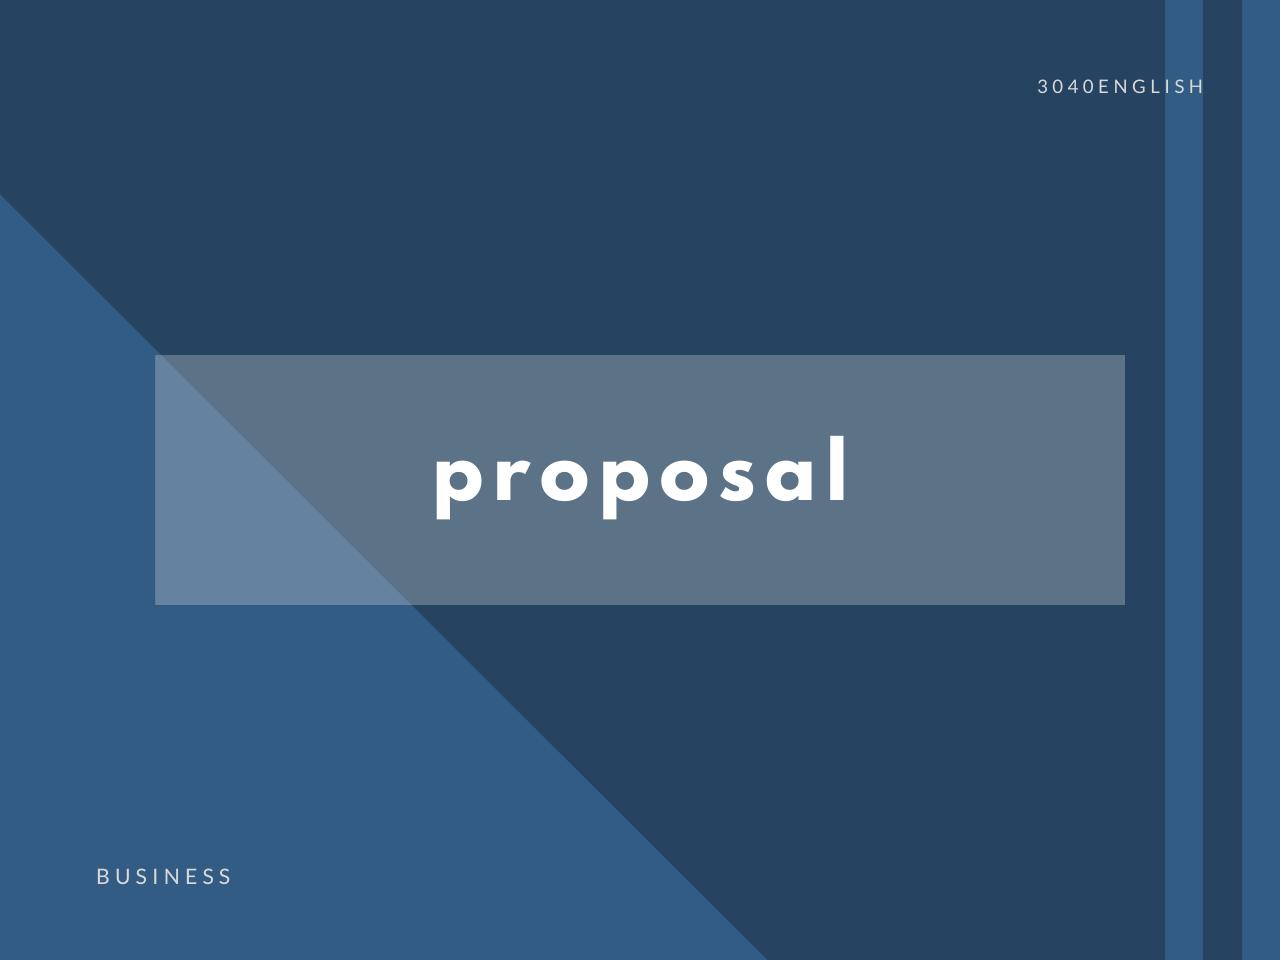 「提案」「提案書」「提案する」の英語表現3選【英会話用例文あり】